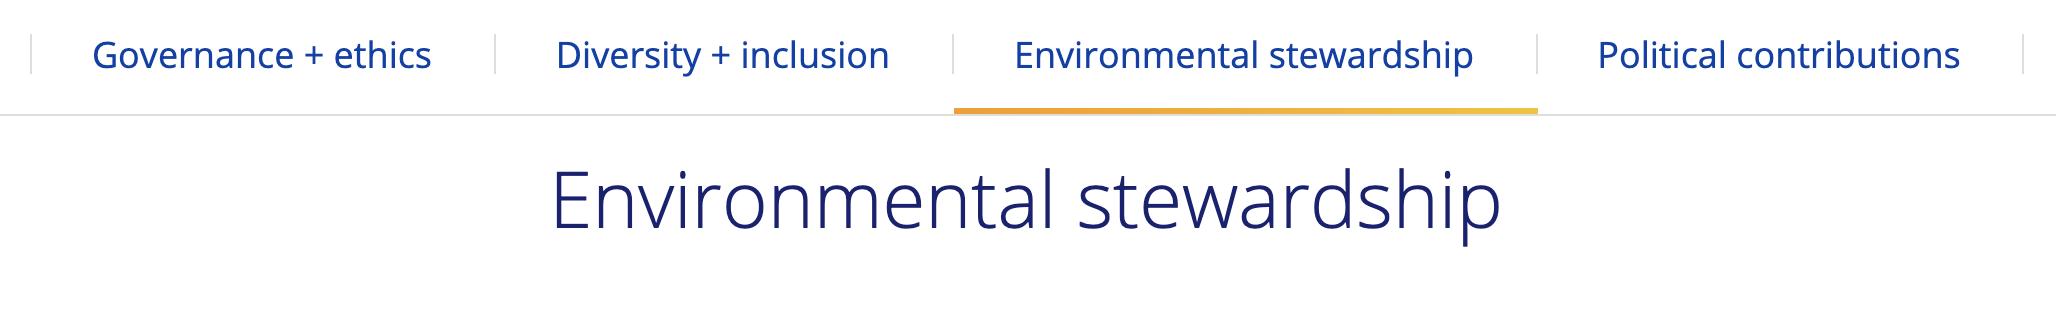 Visa environmental stewardship